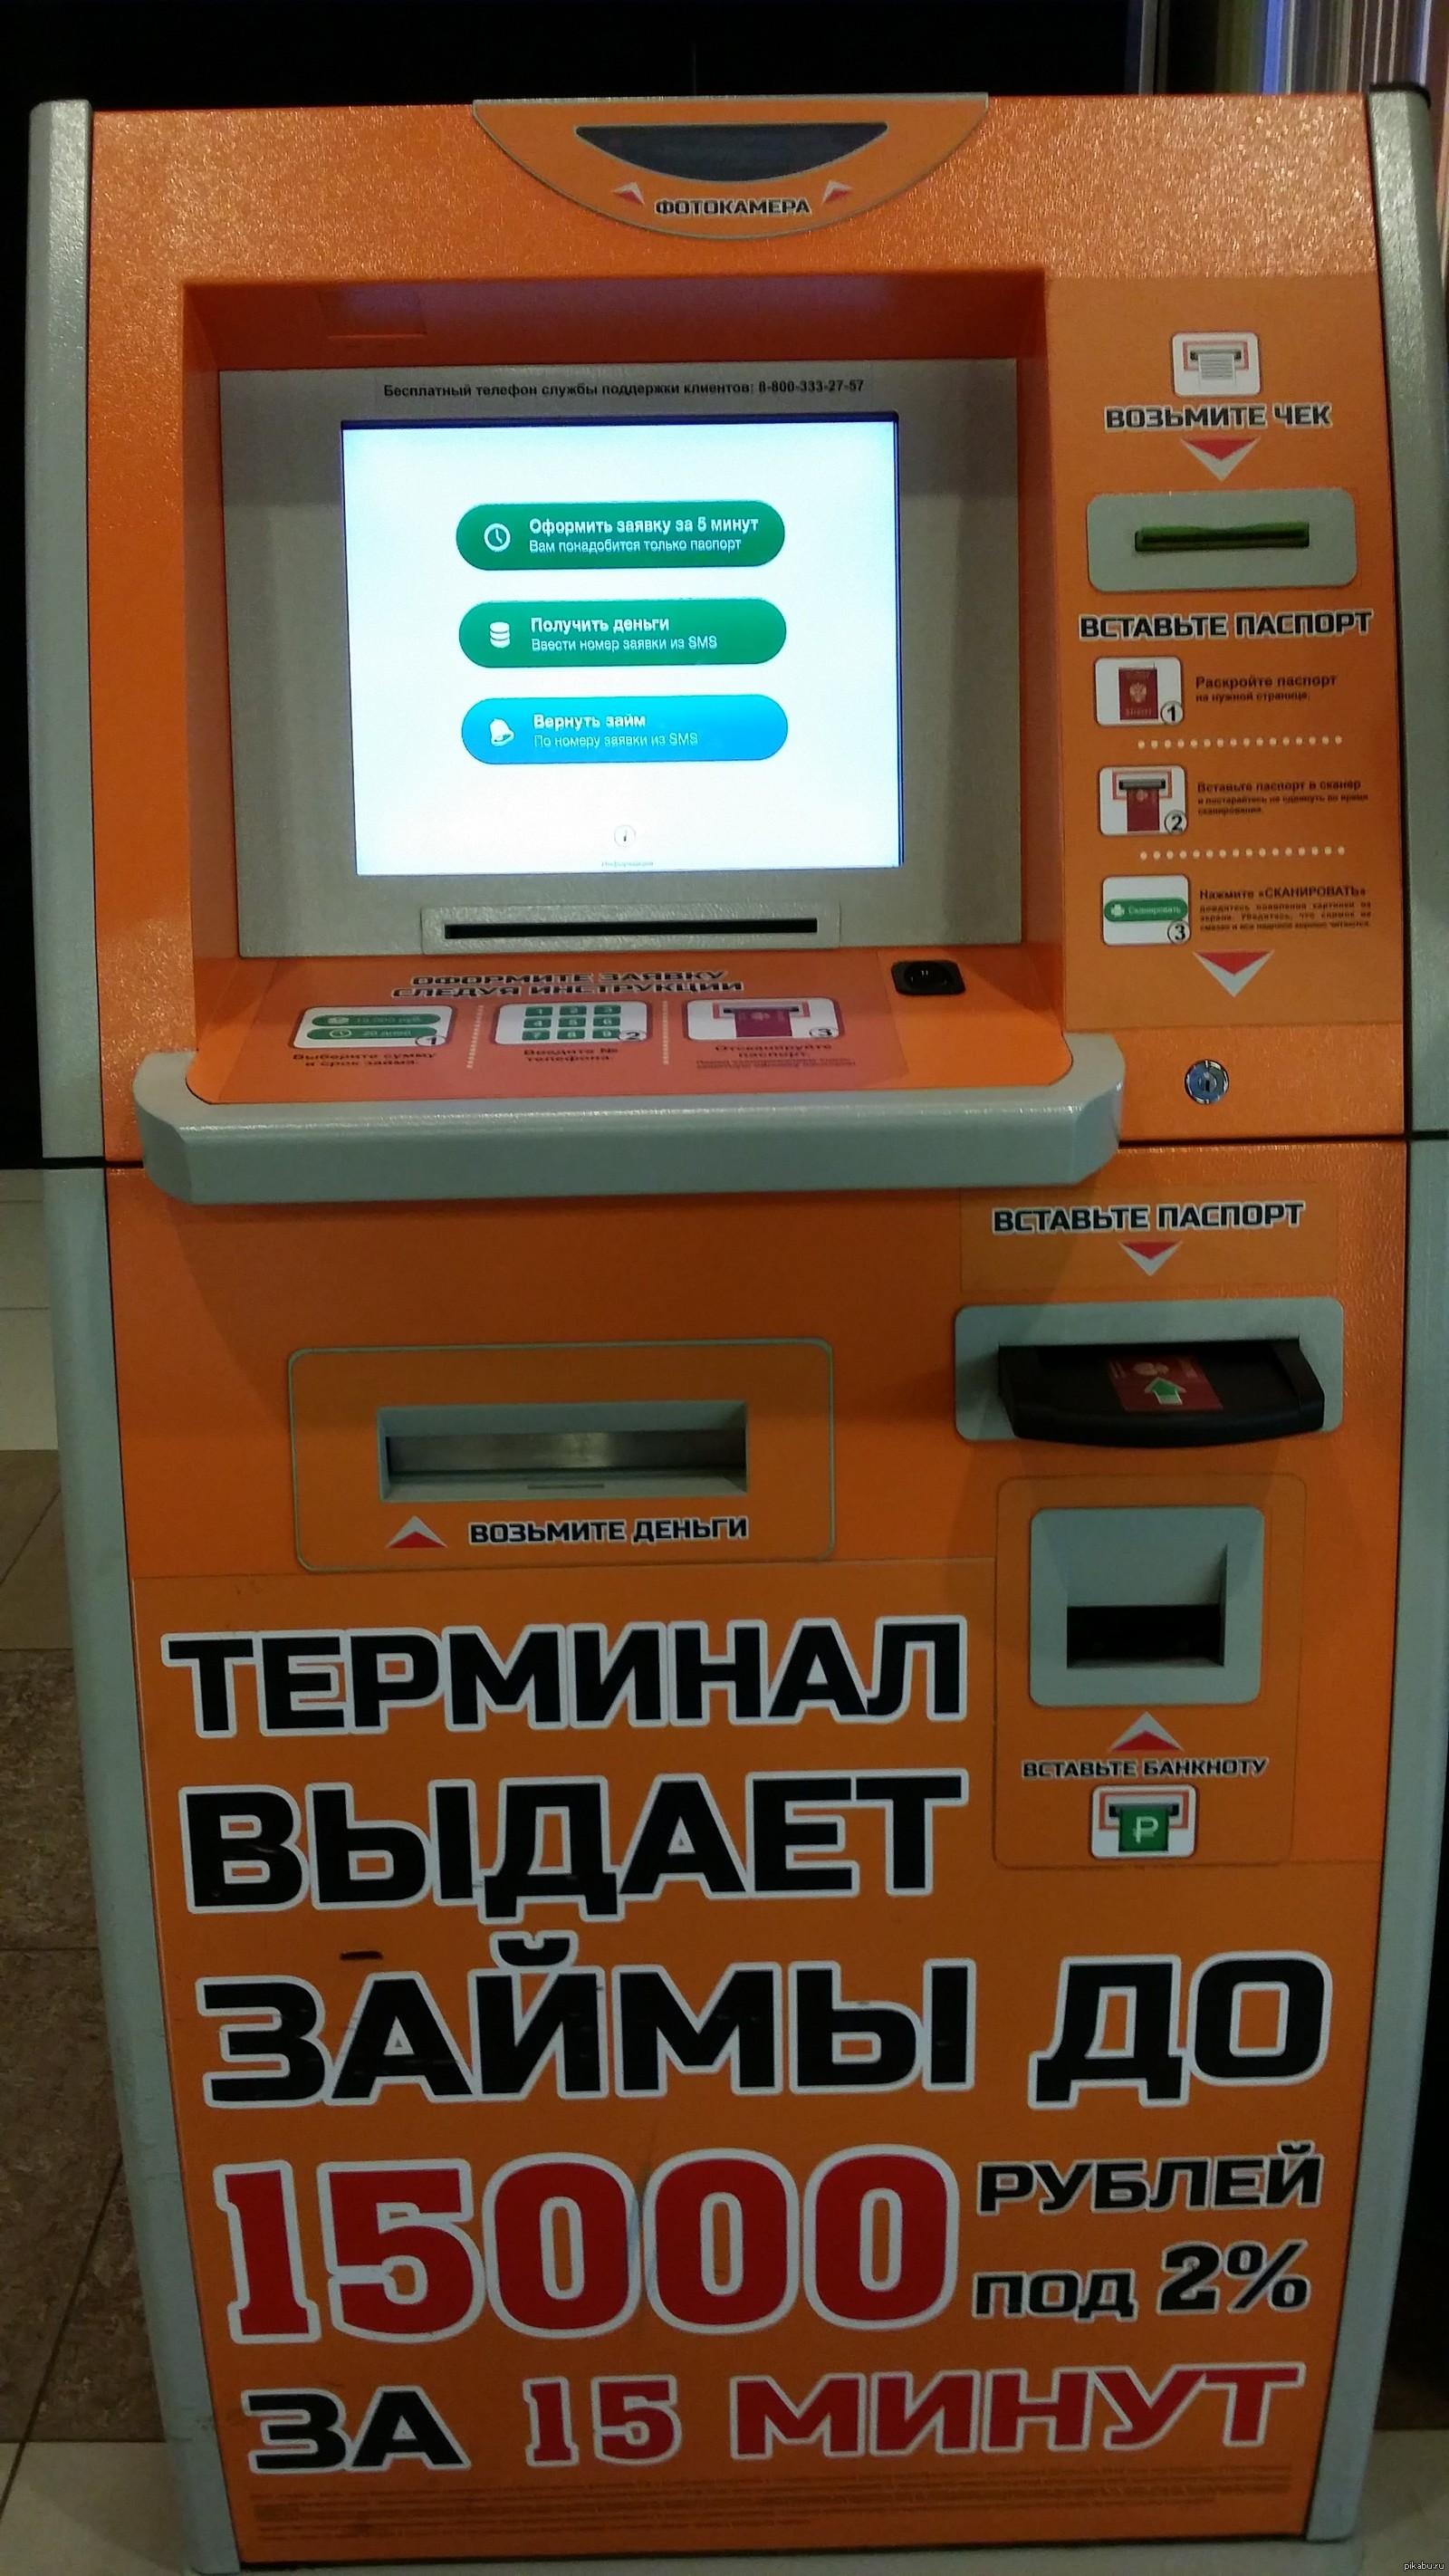 банк открытие кредит для юридических лиц